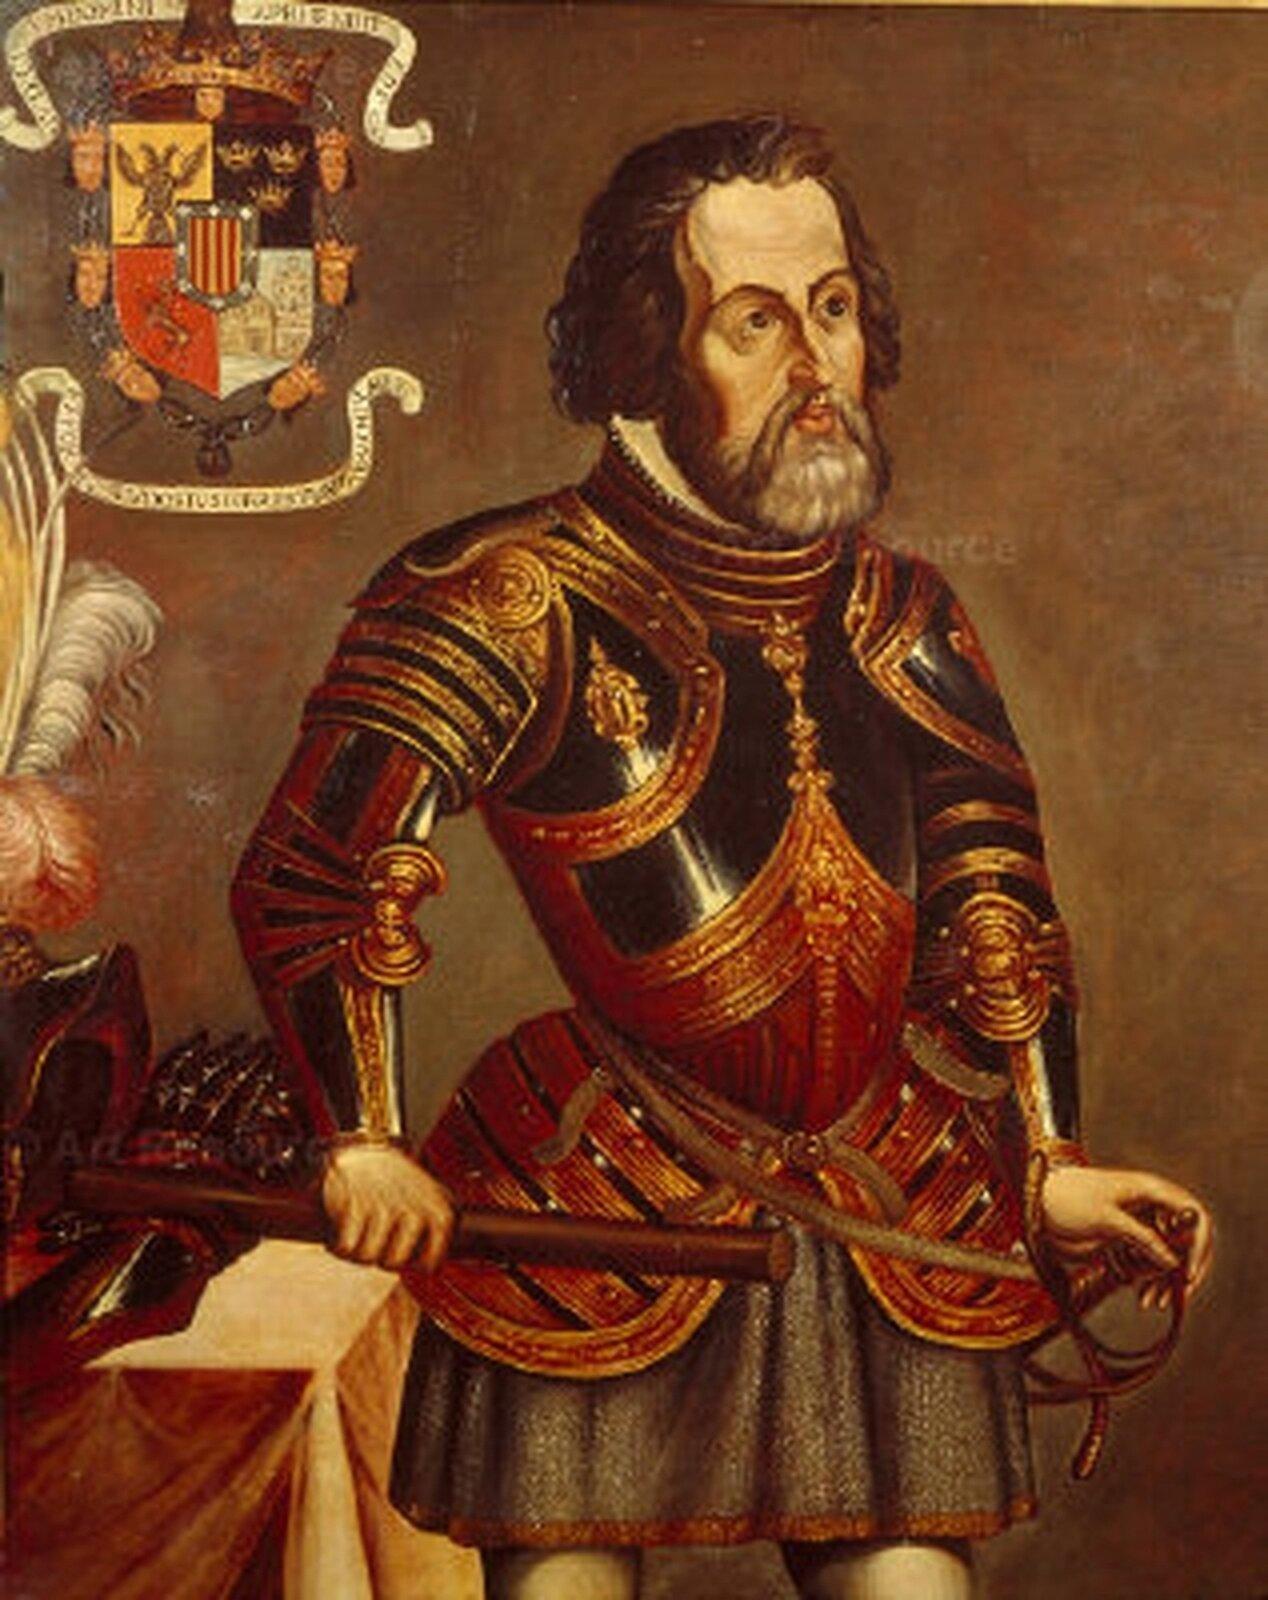 Brodaty mężczyzna oczarnych włosach wbłyszczącej, kolorowej zbroi stoi obok stołu. Lewą rękę trzyma na szpadzie, którą ma uboku, prawą opiera na blacie stojącego obok niego stołu.Za jego głową, po jego prawej stronie jest kolorowa tarcza herbowa zwieńczona złotą koroną.